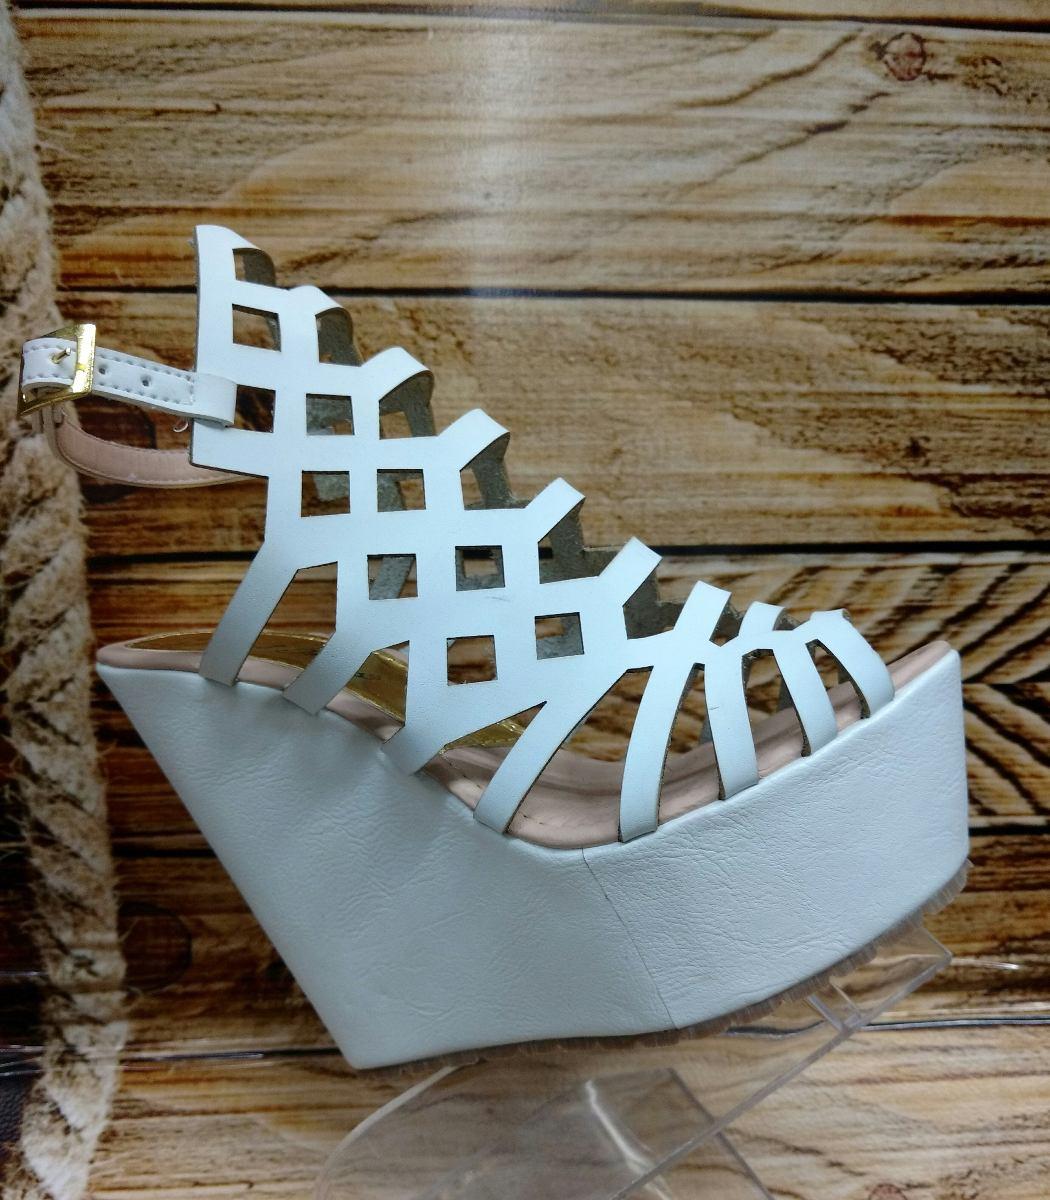 19a92b6d calzado plataforma para mujer zapato blanco envío gratis. Cargando zoom.